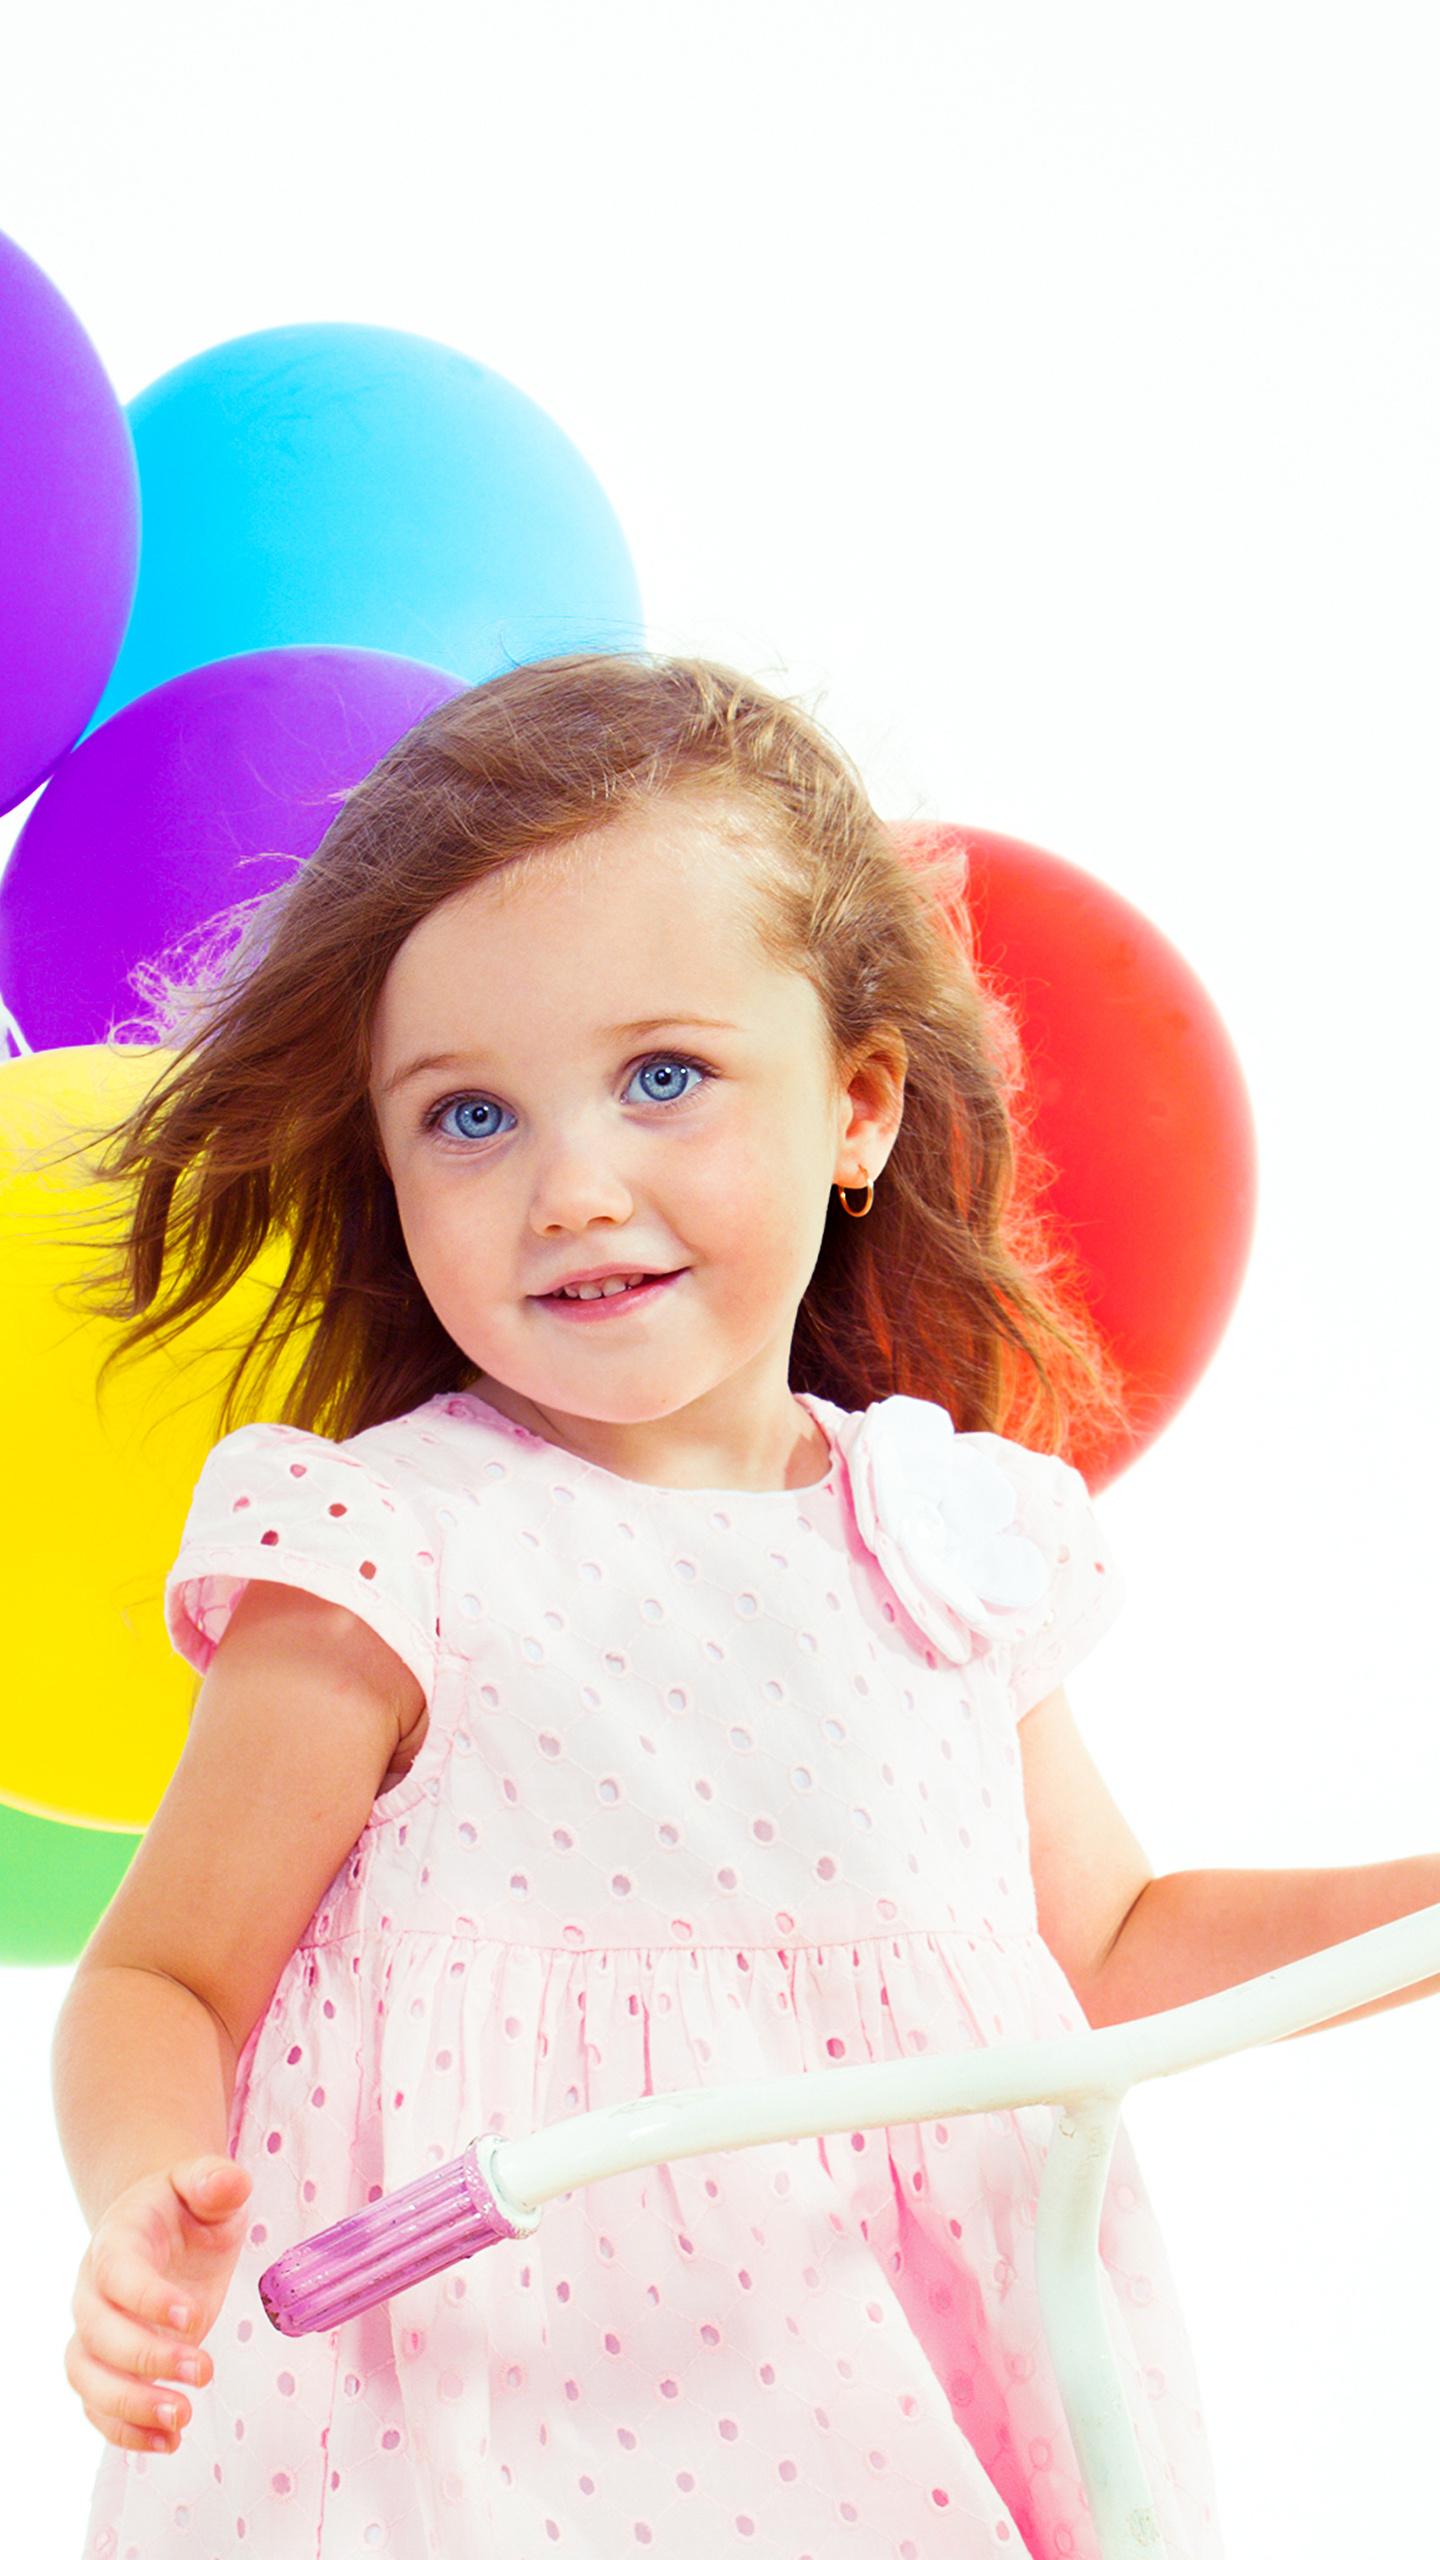 Фотография Девочки Улыбка Красивые Миленькие Ребёнок Шарики Белый фон 1440x2560 девочка улыбается Милые Дети Шар